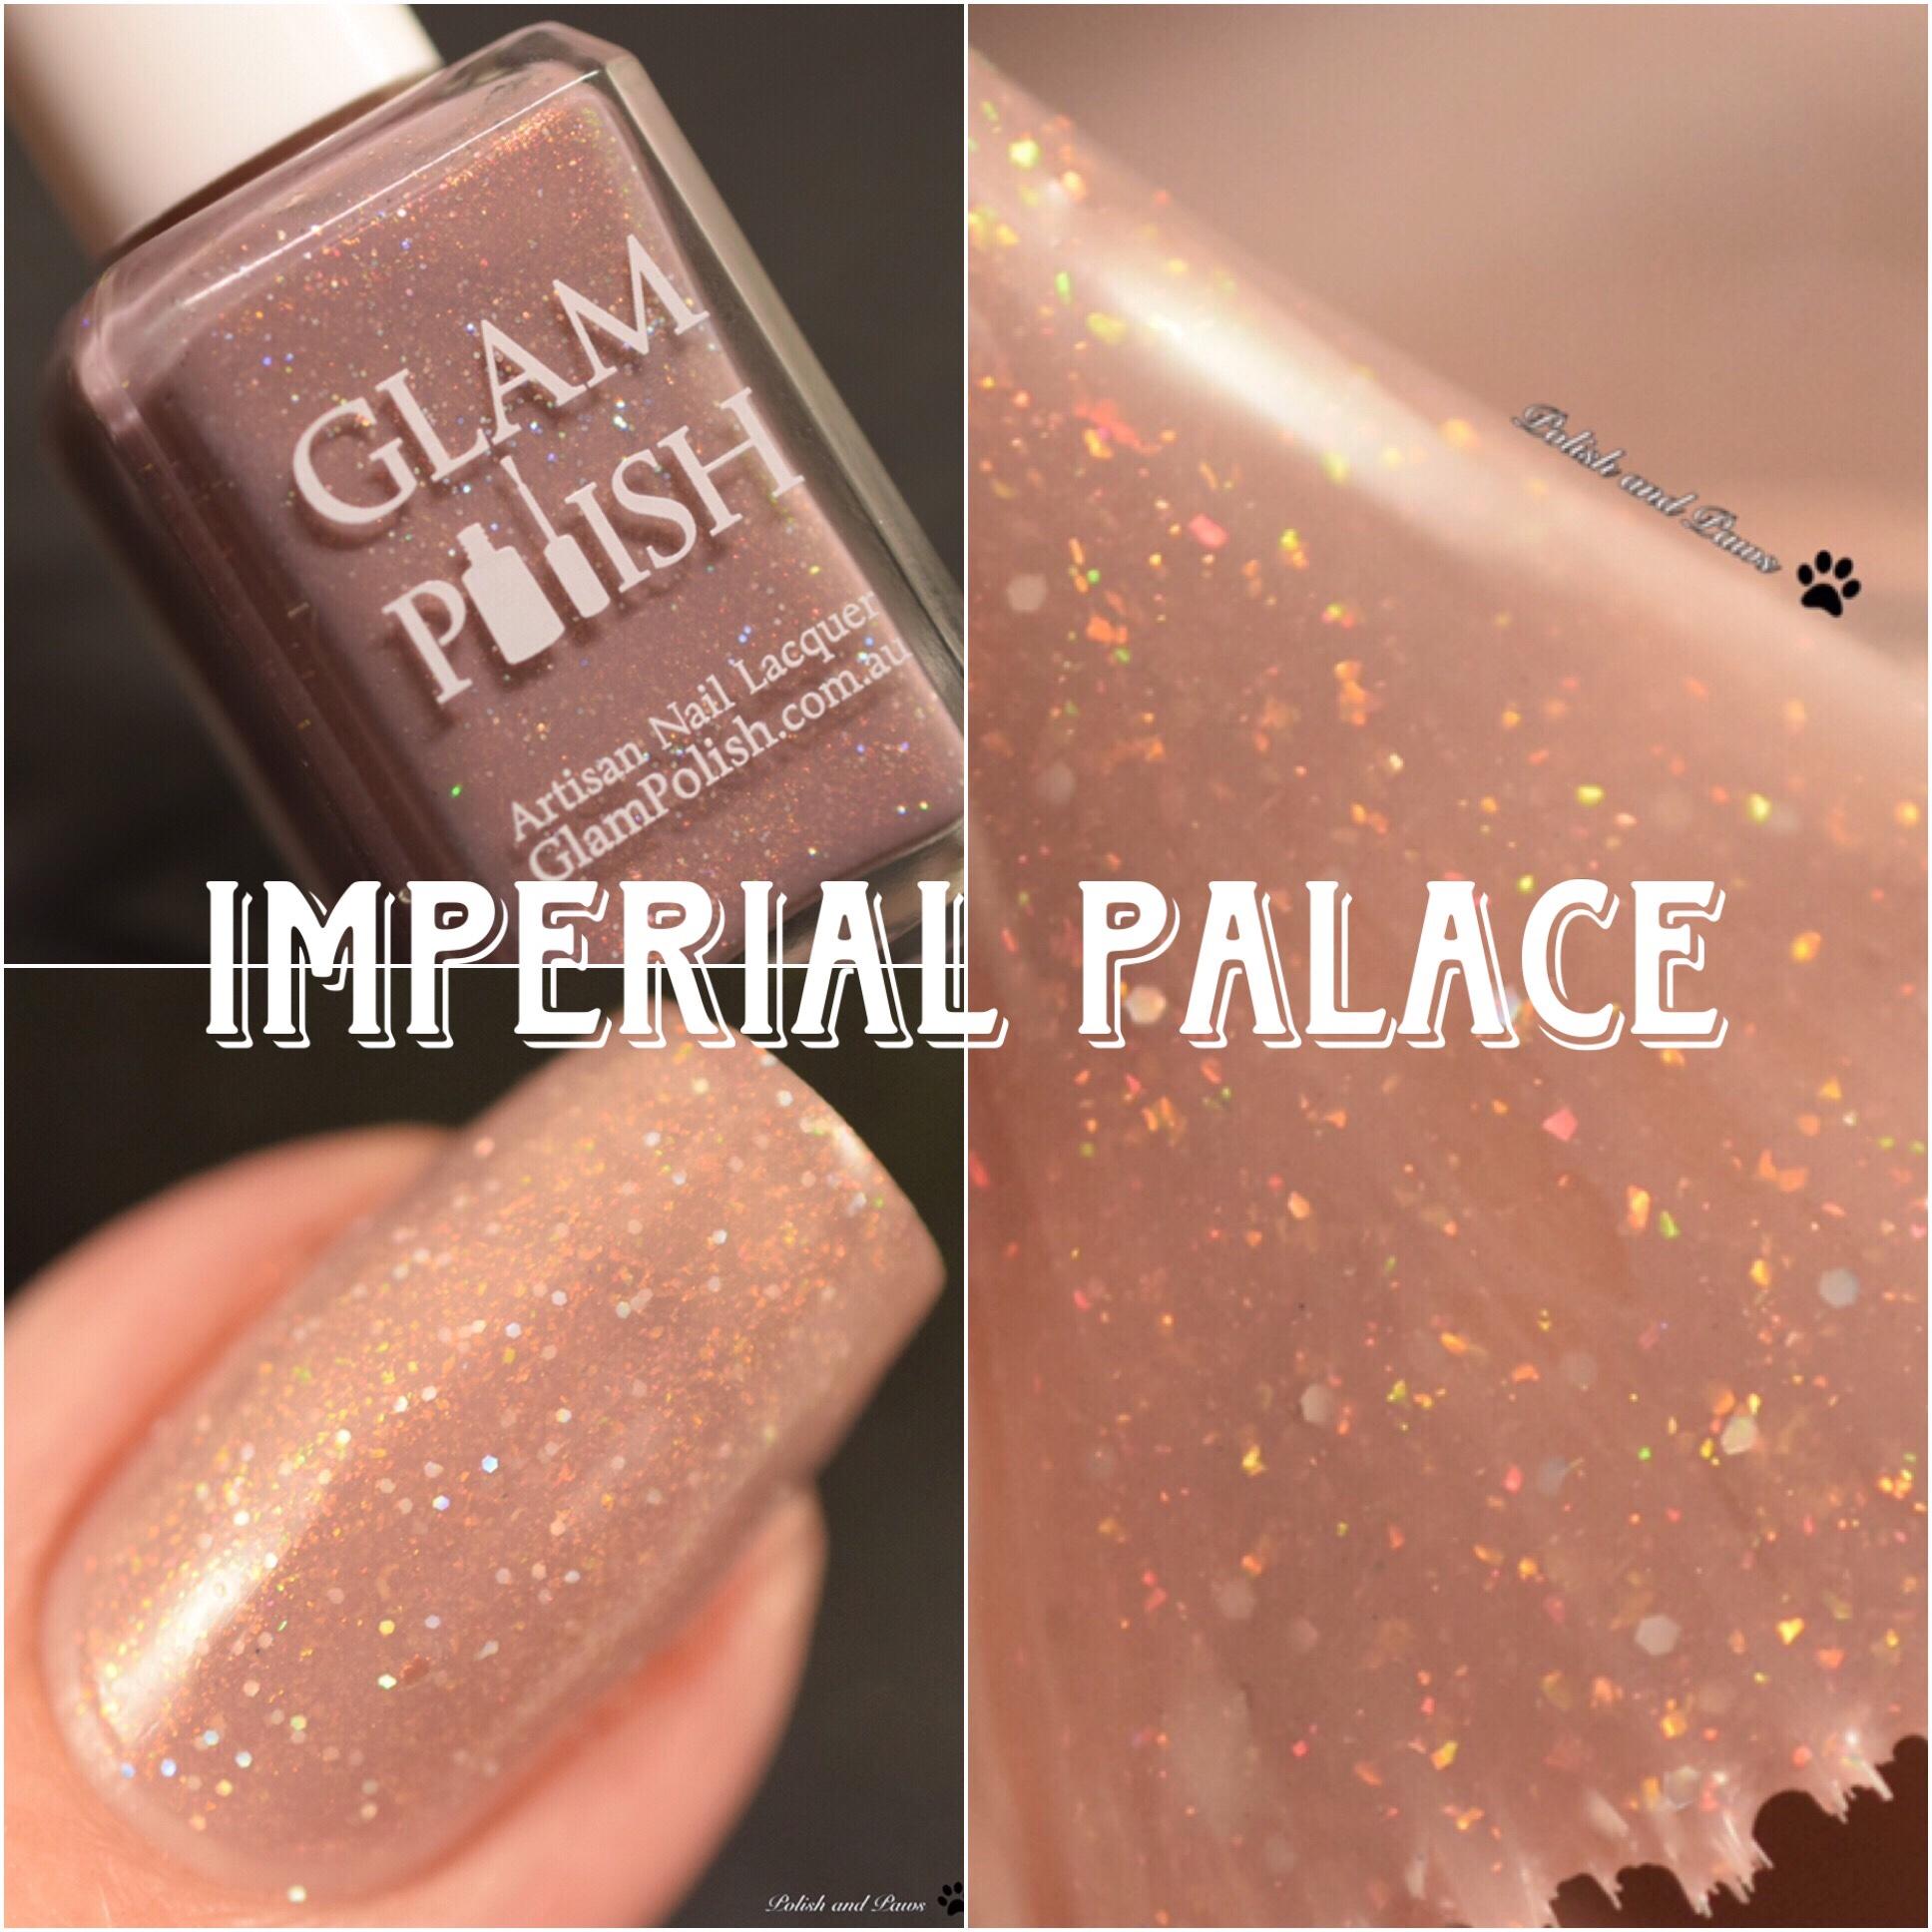 Glam Polish Imperial Palace